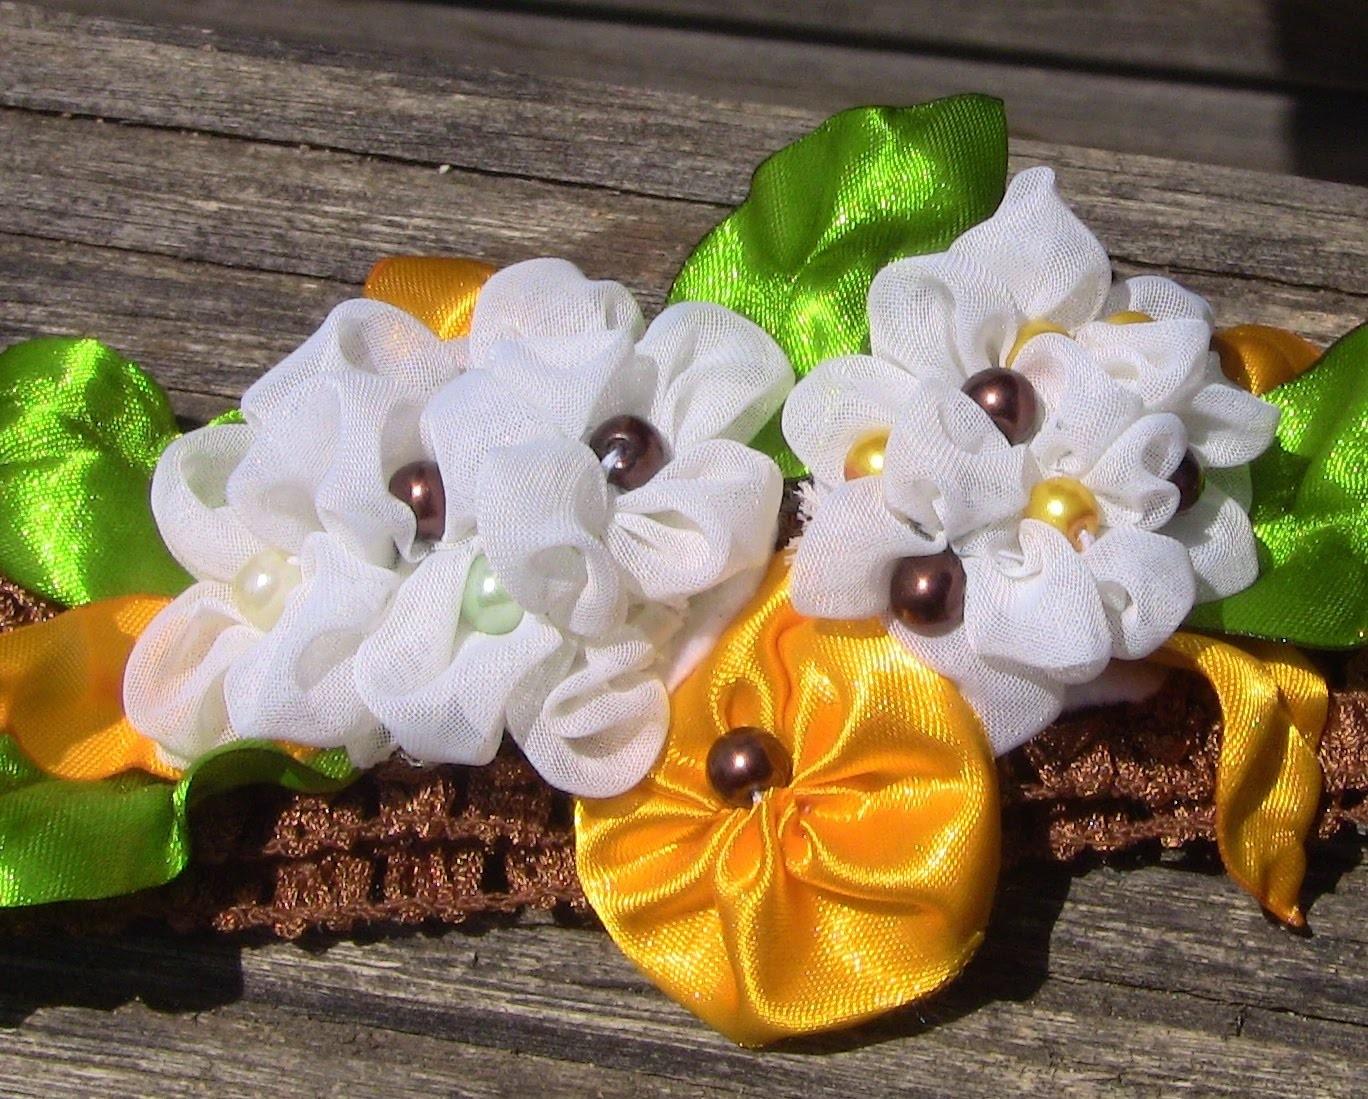 Novo modelo de Flores em Tecido e Fitas de Cetim- HOW TO MAKE ROSES- fabric flowers